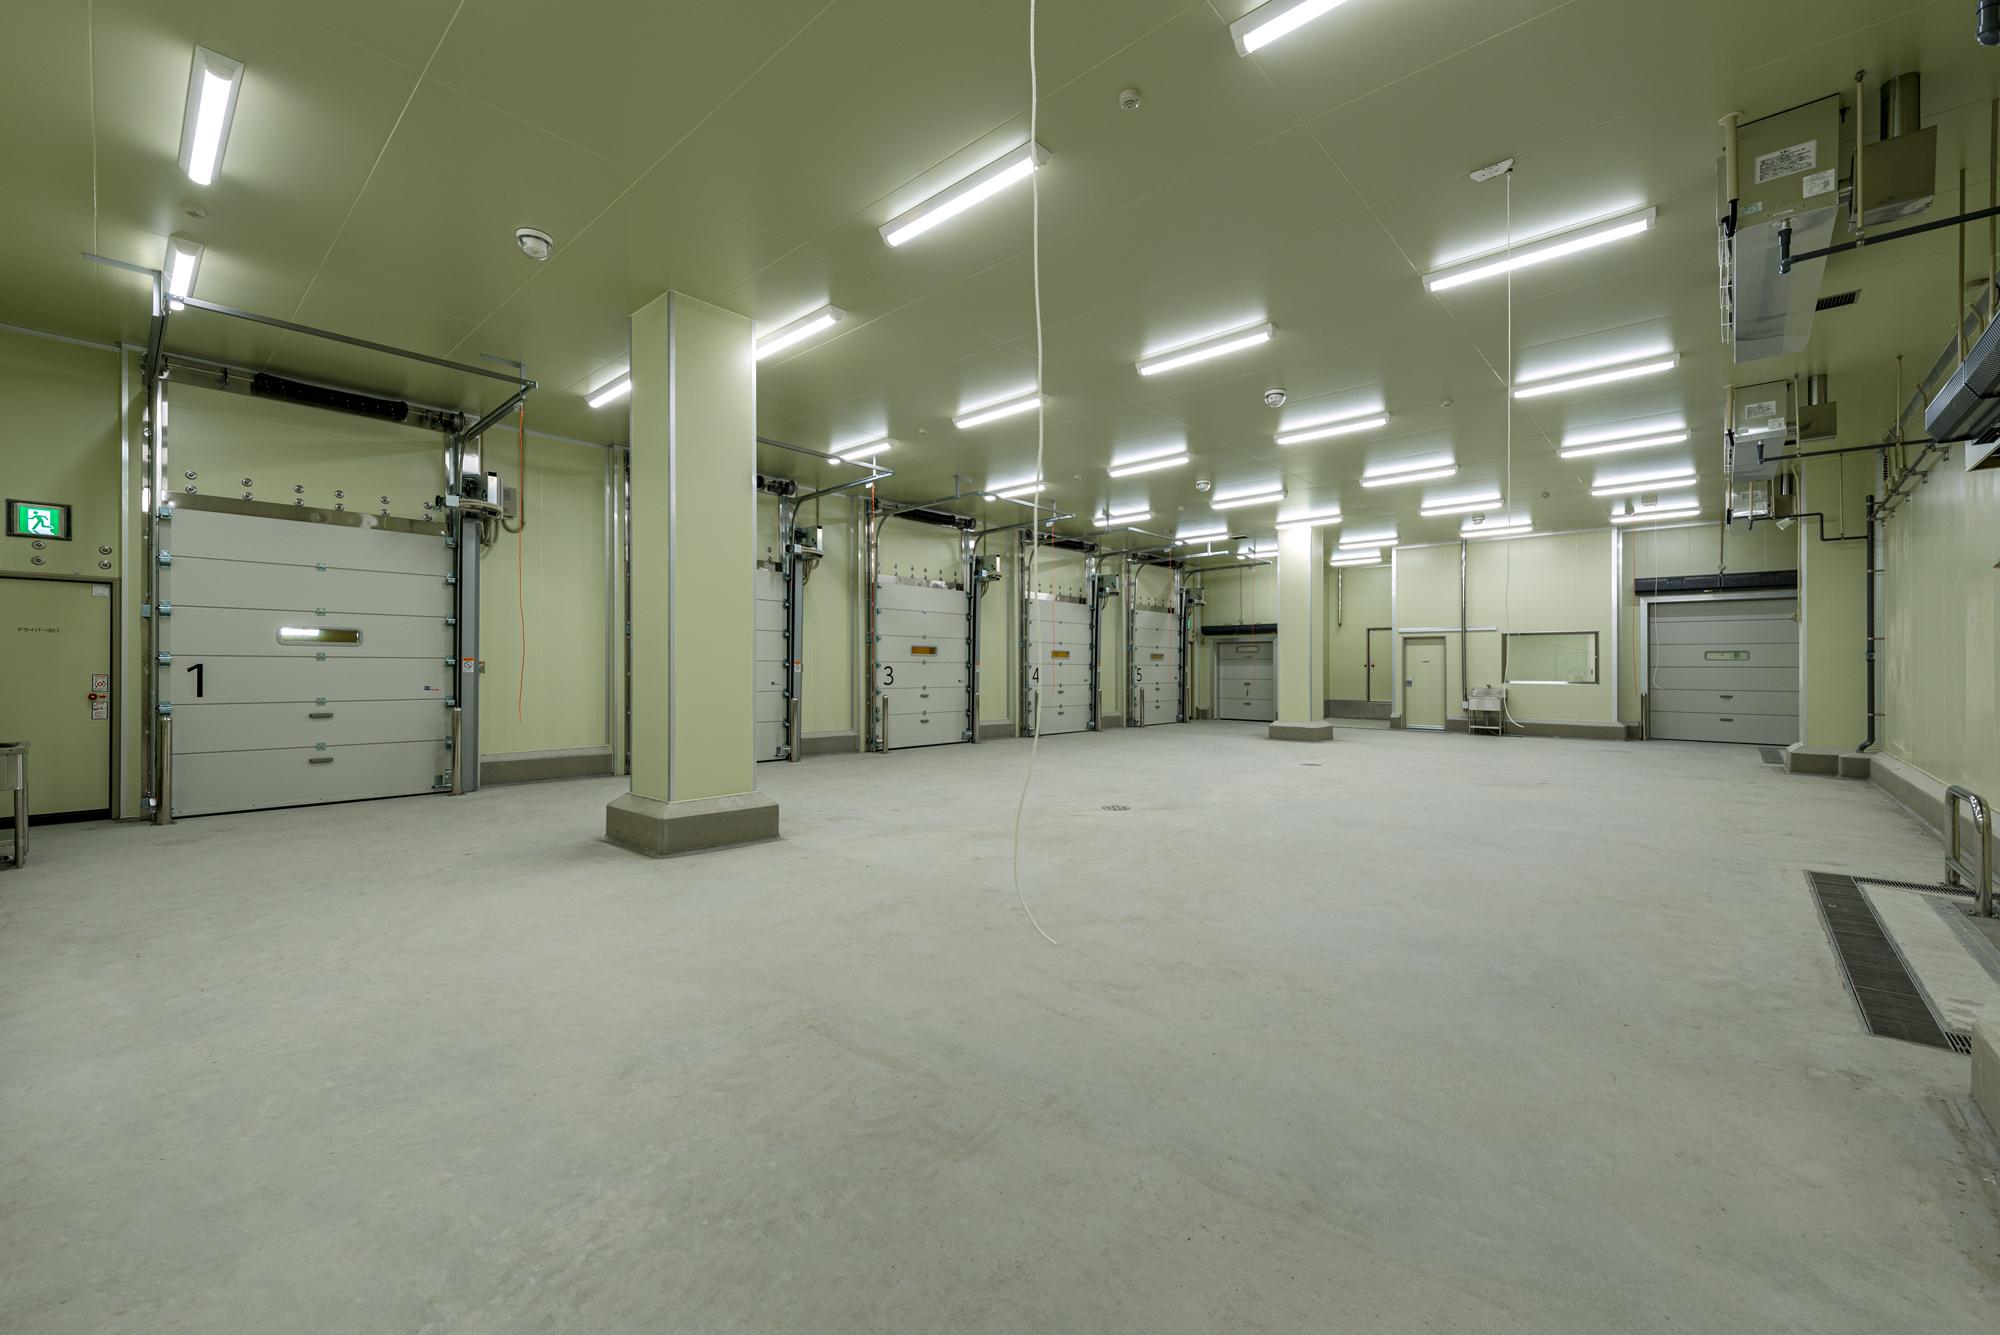 鳥治食品株式会社 豊中本社工場